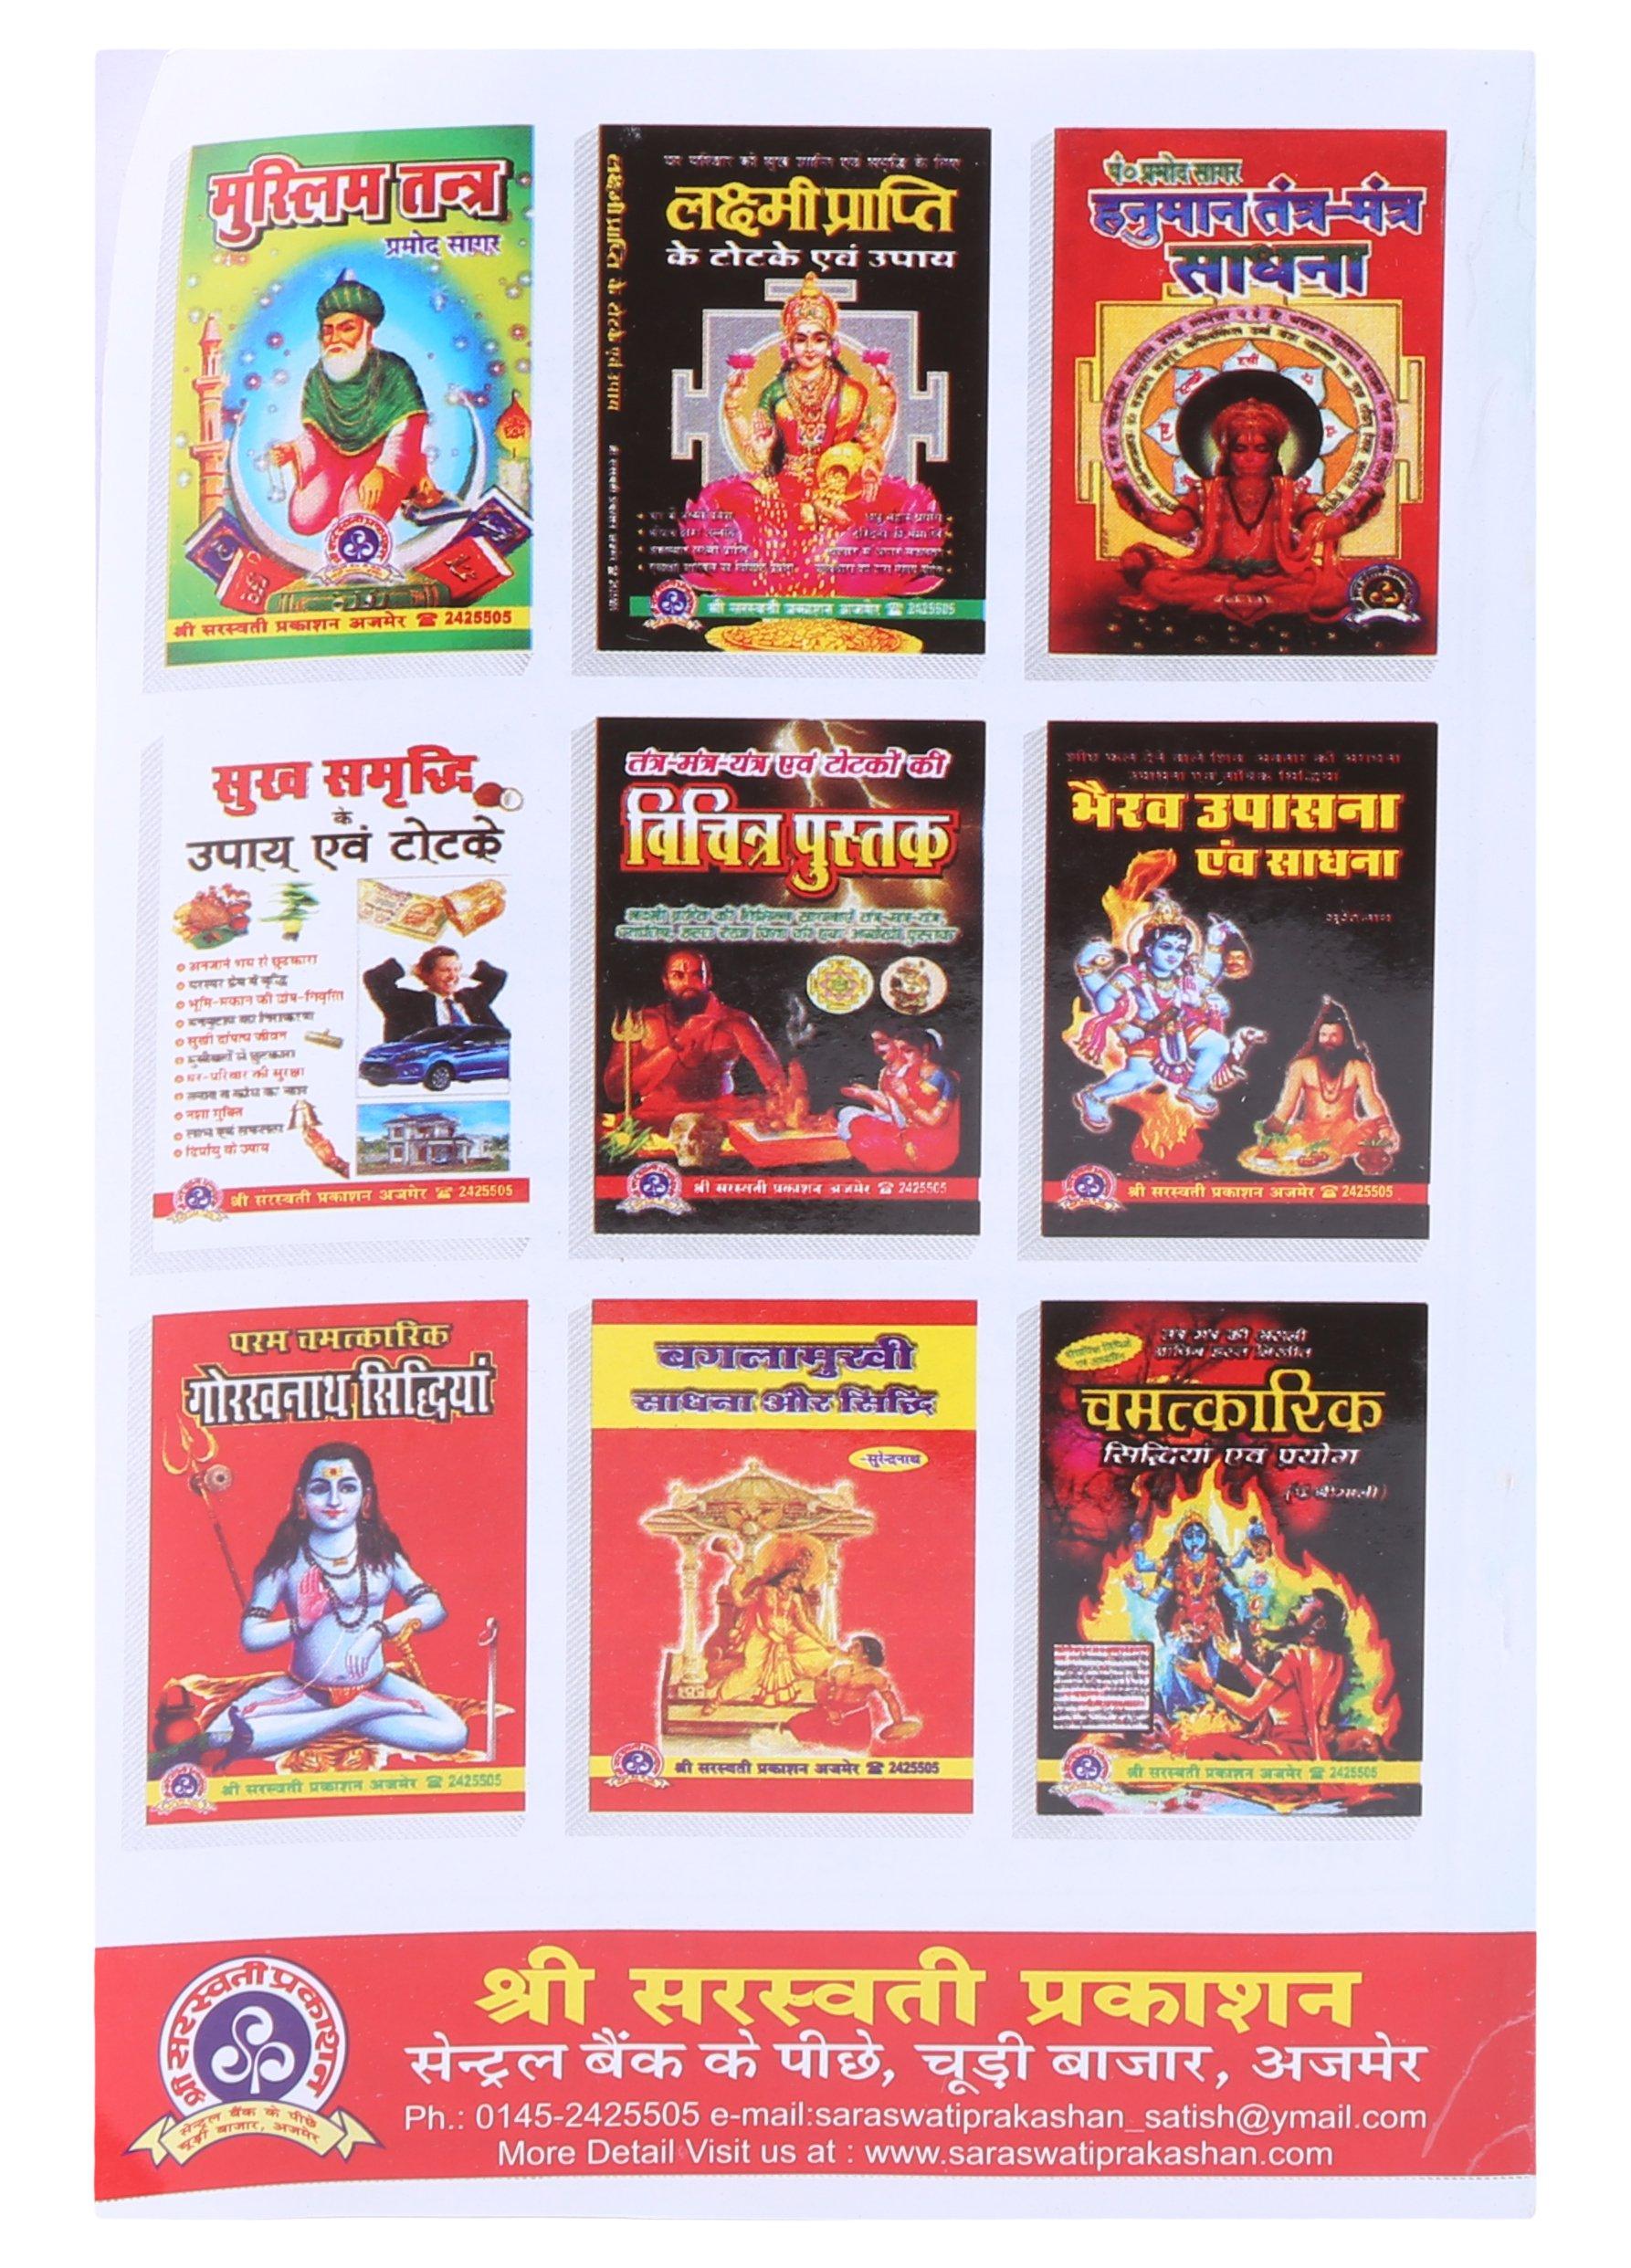 Buy Sukhi Jeevan Ke Lie Mantra Tantra Aur Totke with Gold